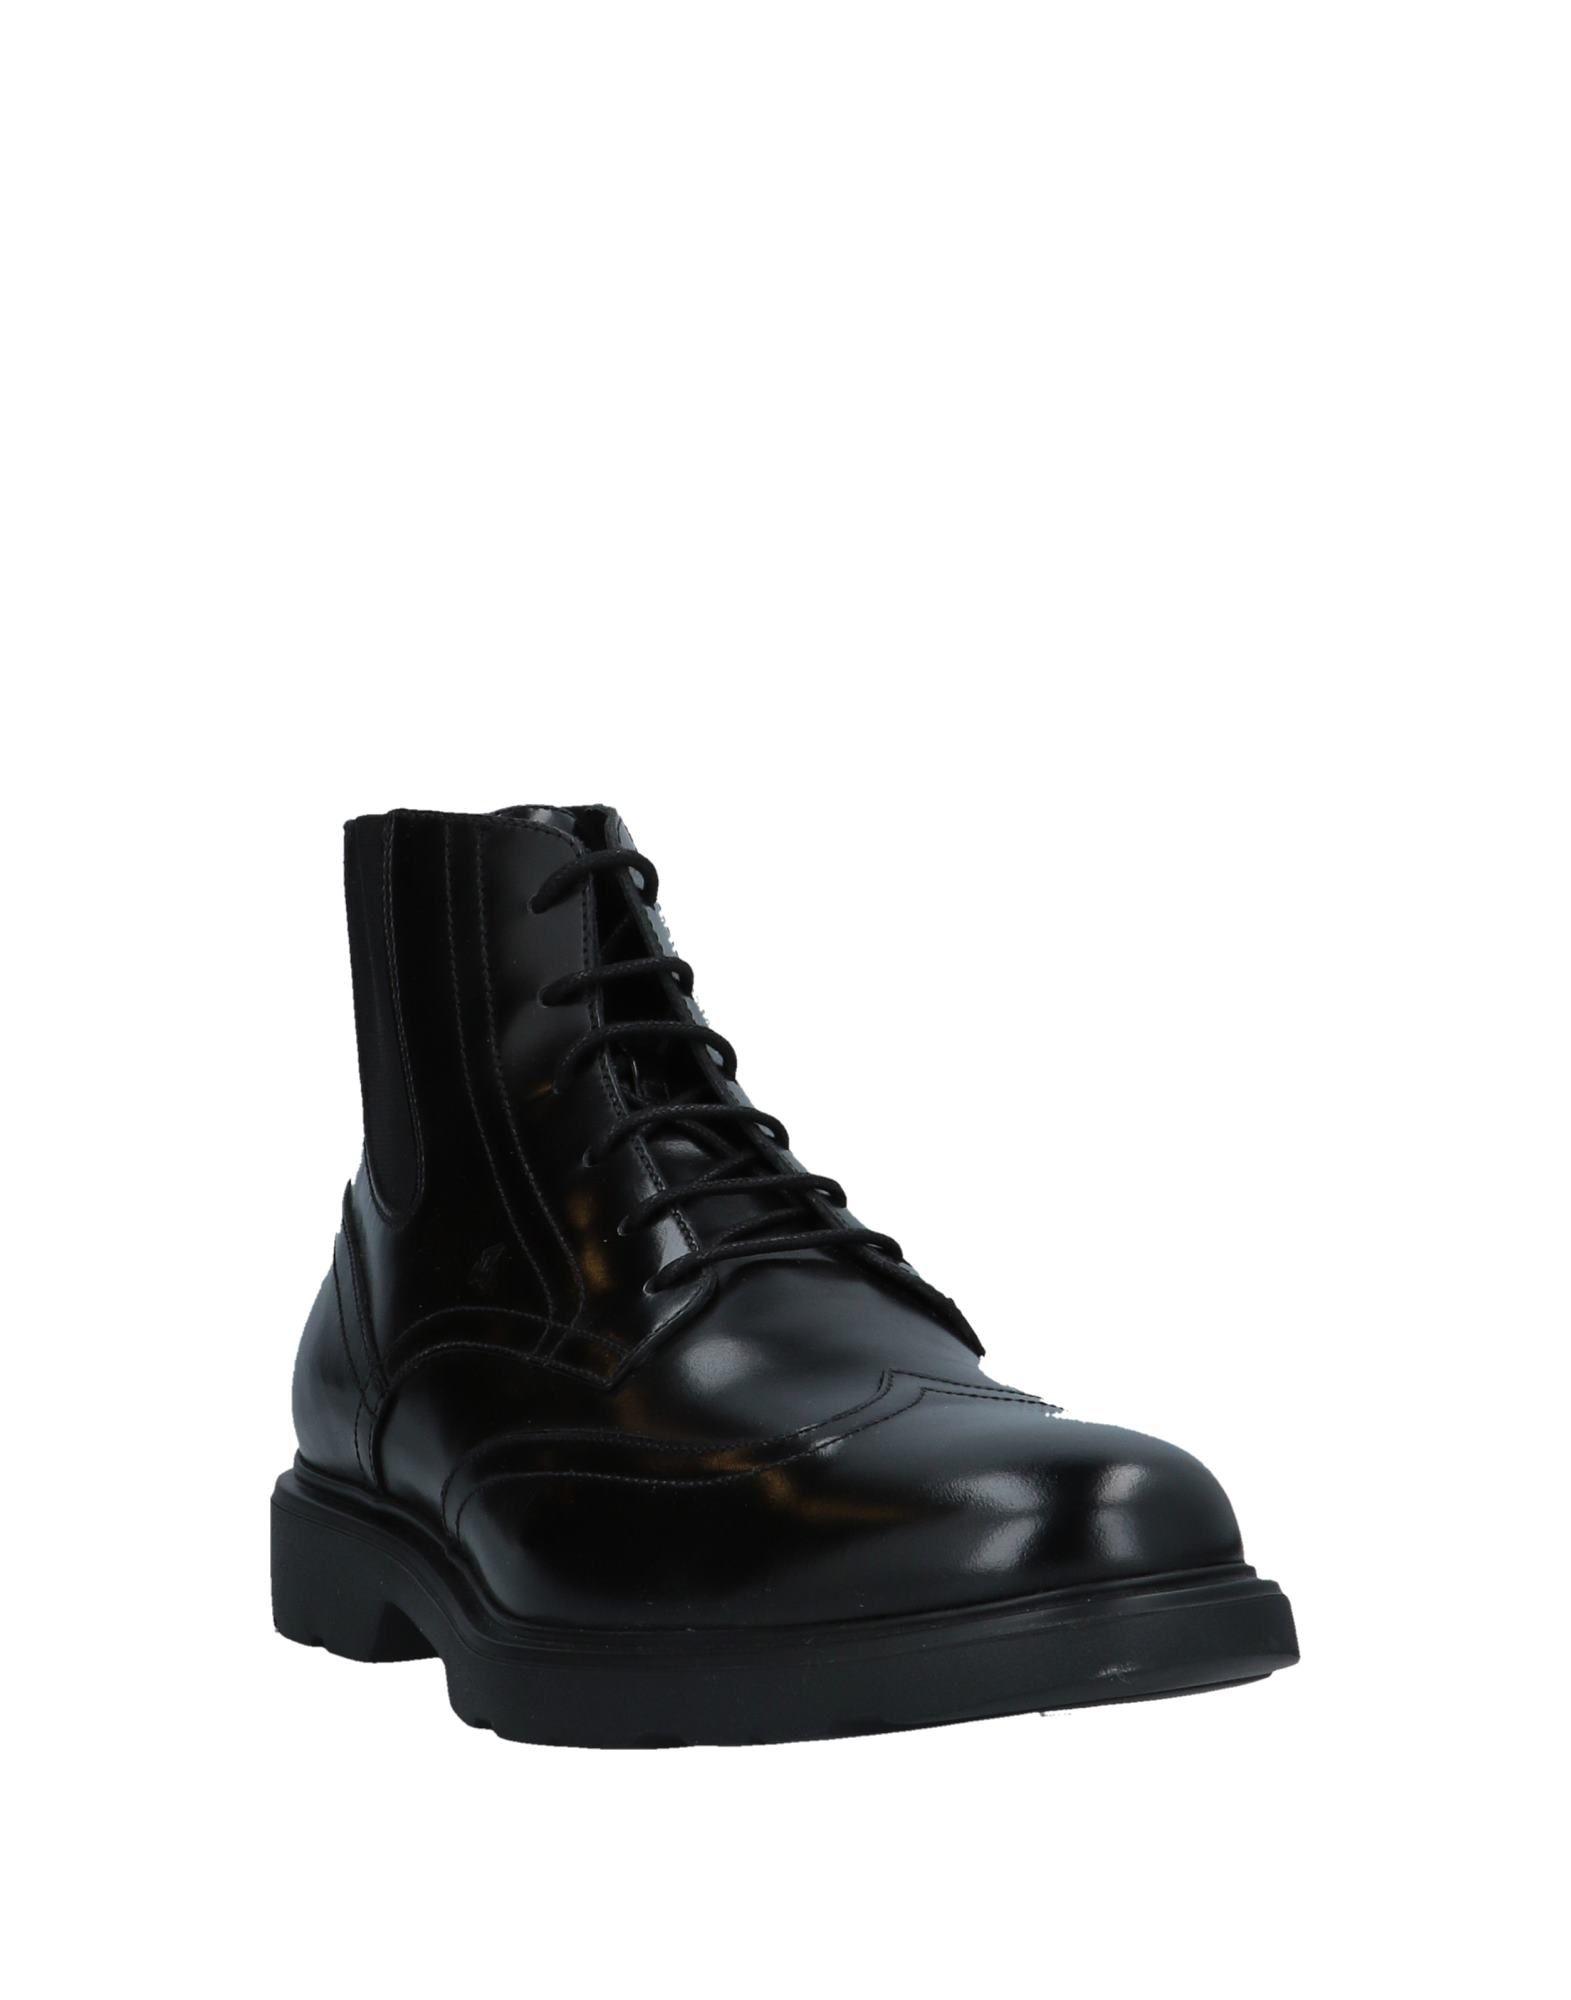 Hogan Stiefelette Gute Herren  11536000DW Gute Stiefelette Qualität beliebte Schuhe a3acbe